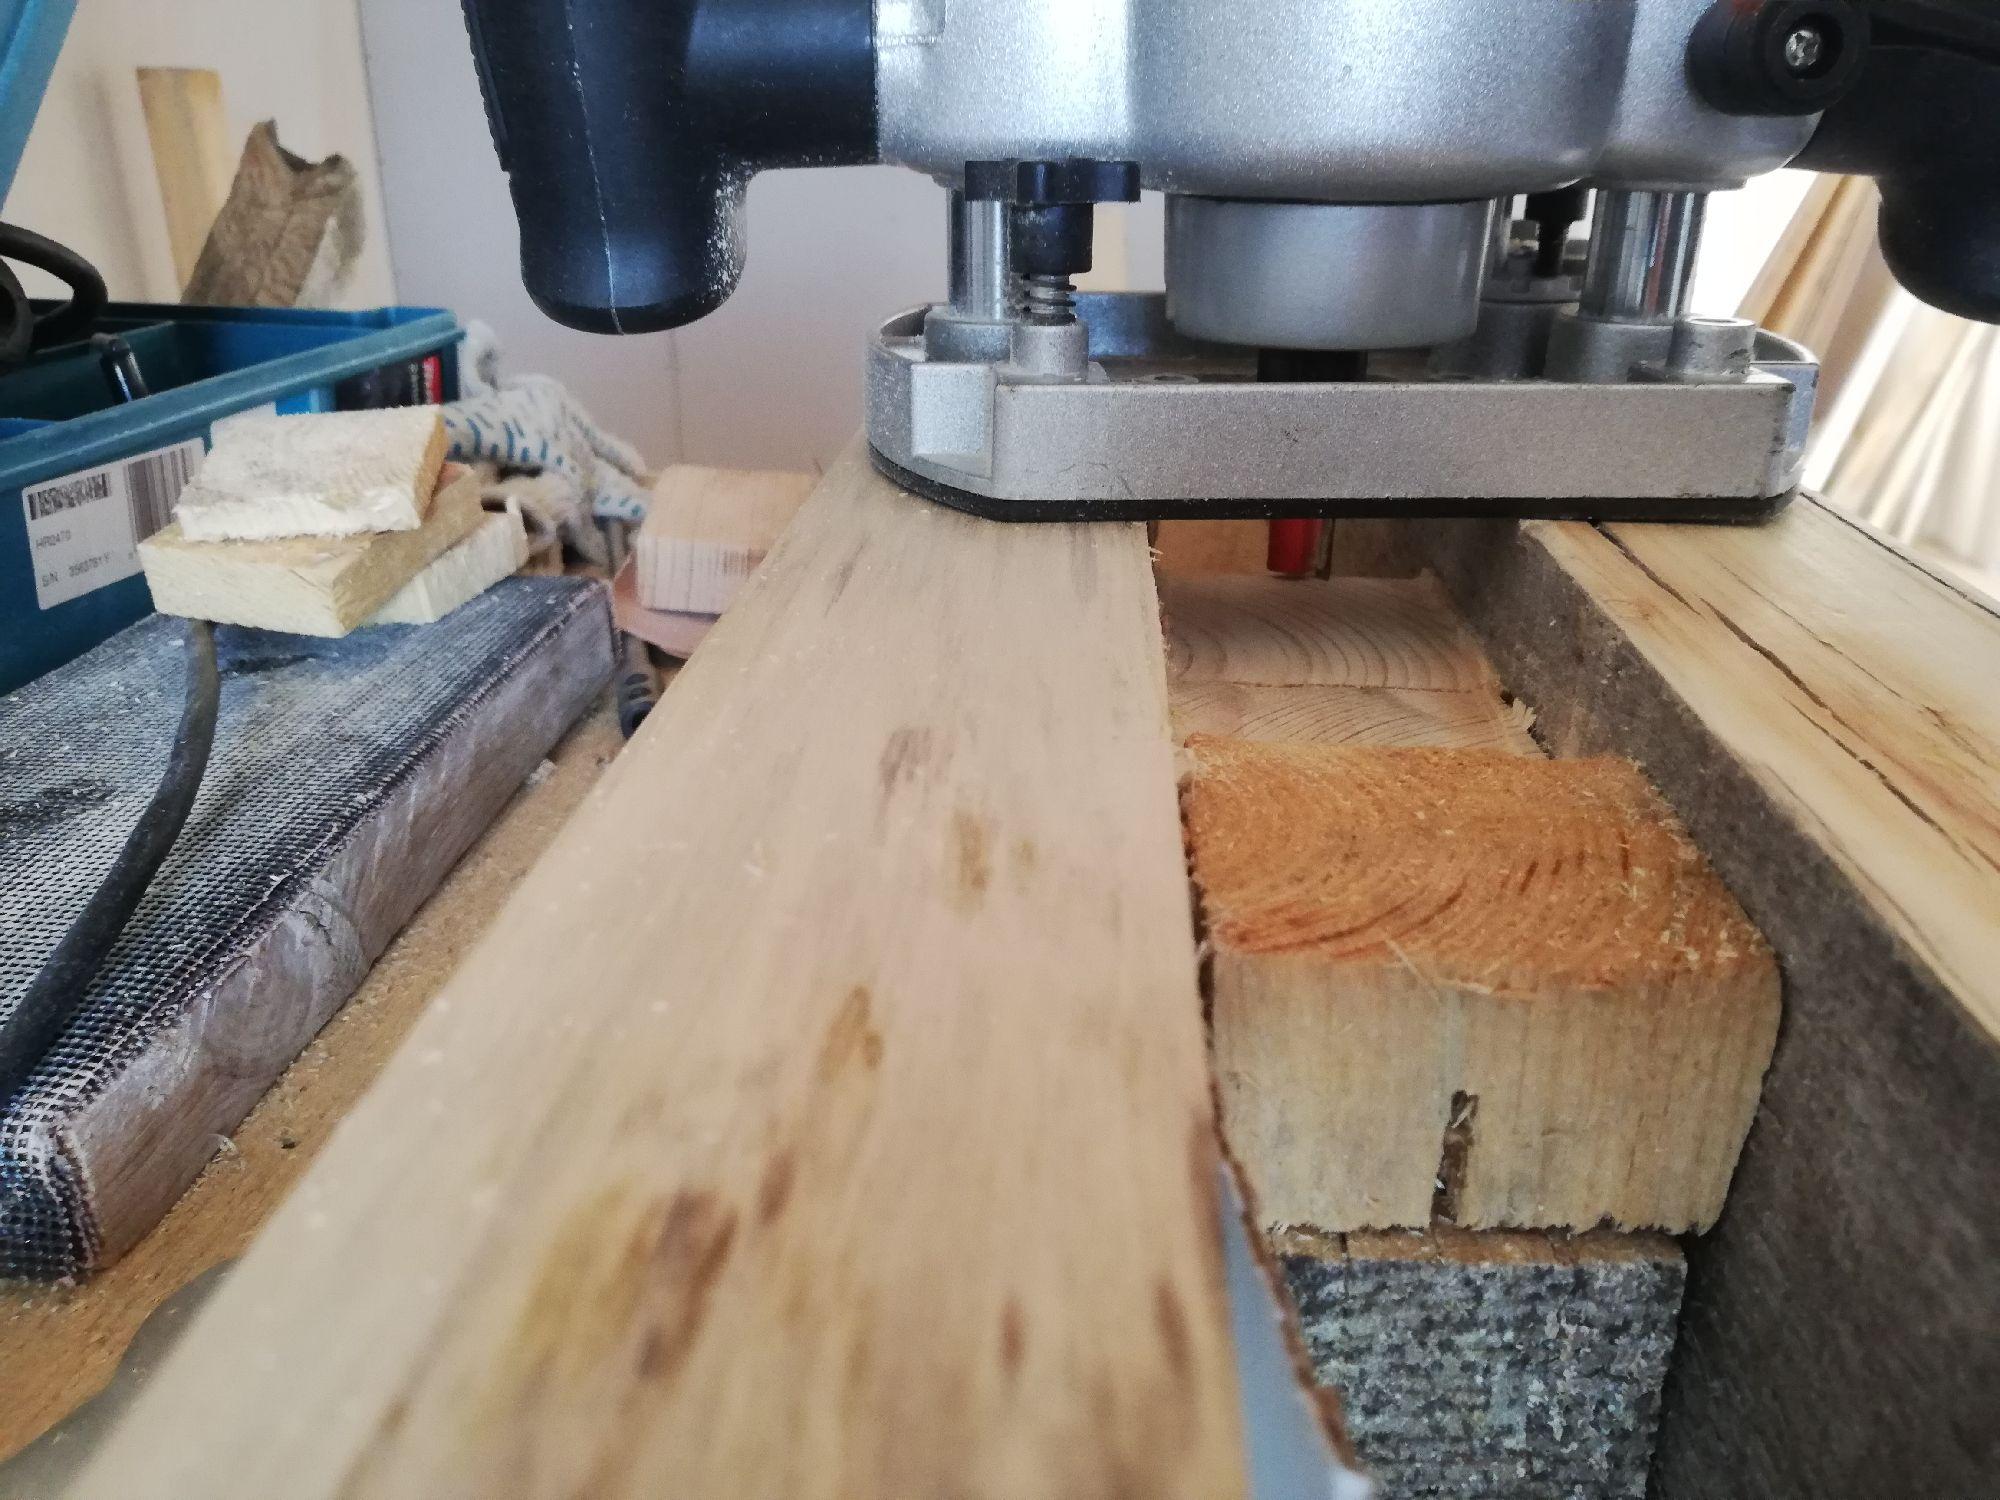 Зажал кубики - обрезки бруска 50х50, фрезерую общую плоскость